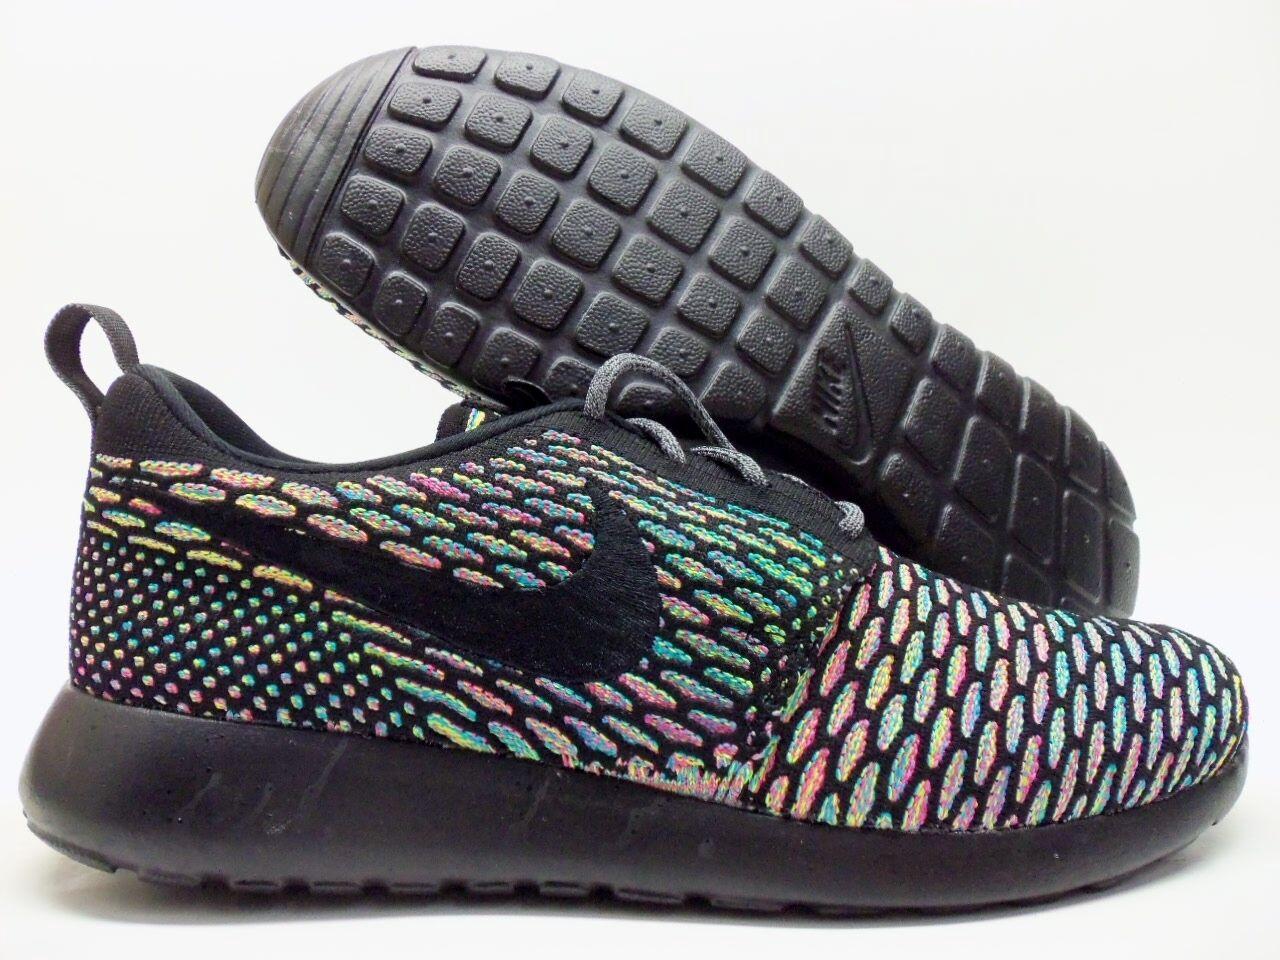 Nike flyknit roshe correre id, allenatore di multi-color / rainbow dimensioni uomini 9 [718293-993]